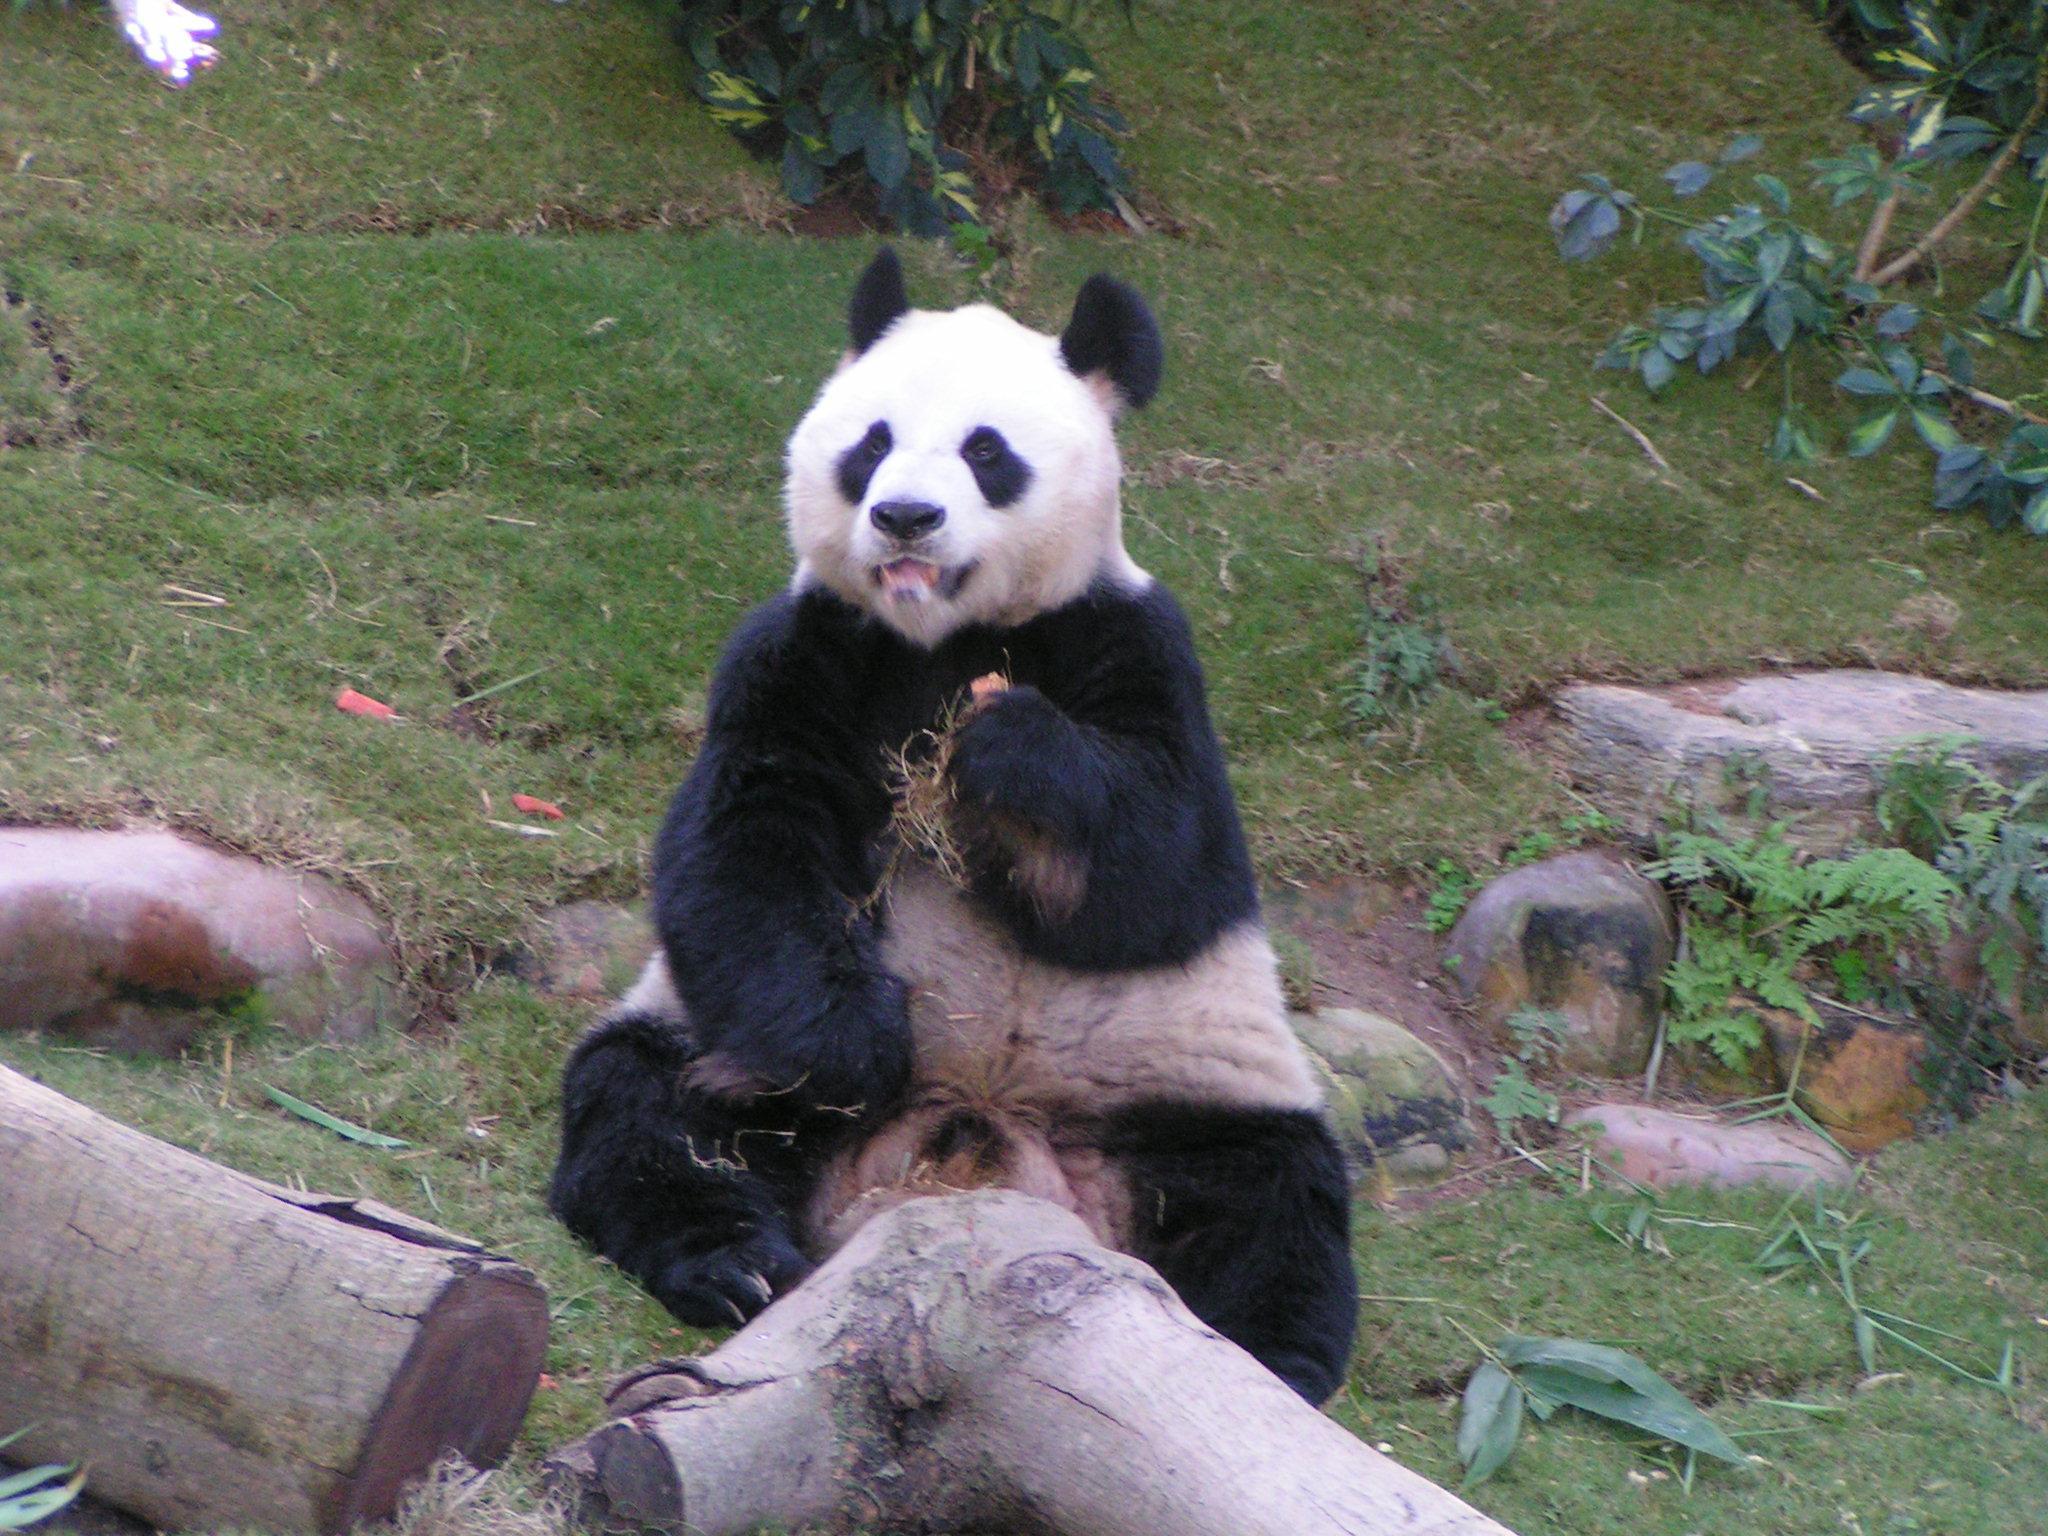 Wallpaper - Pandas